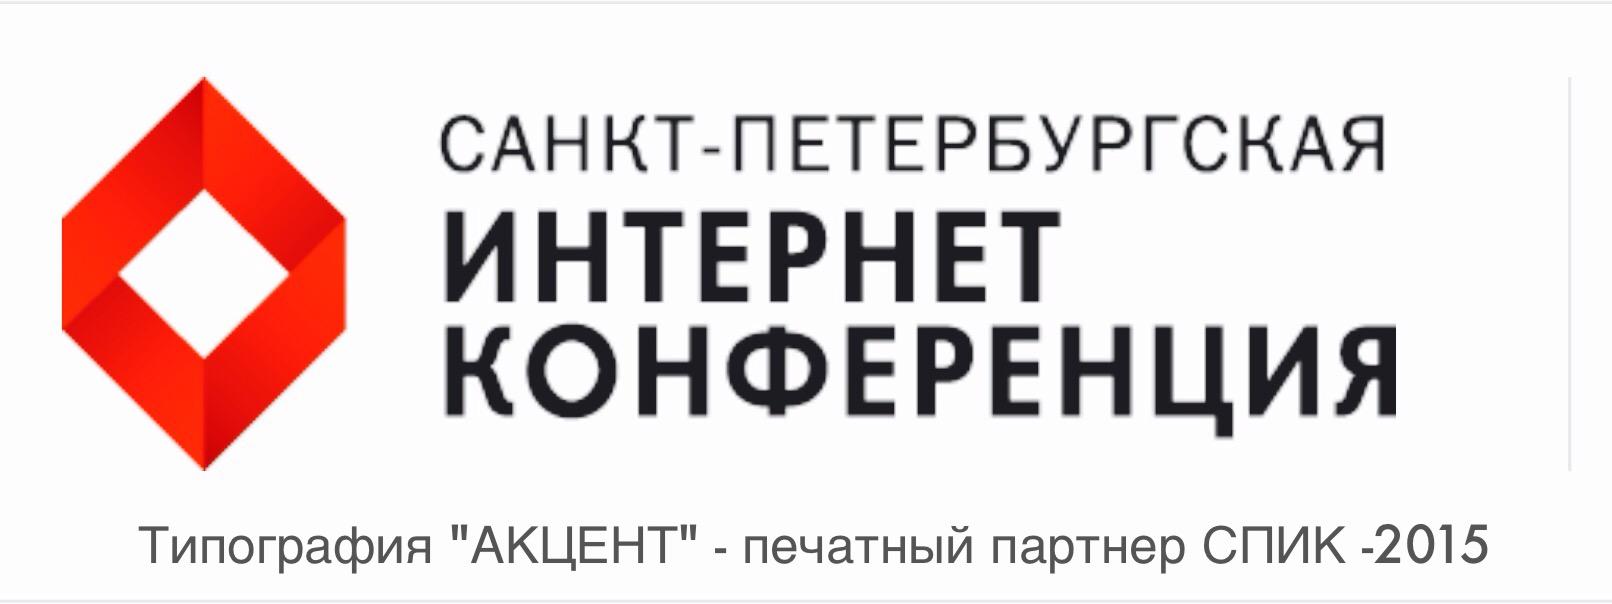 Типография АКЦЕНТ - печатный партнер СПИК-2015